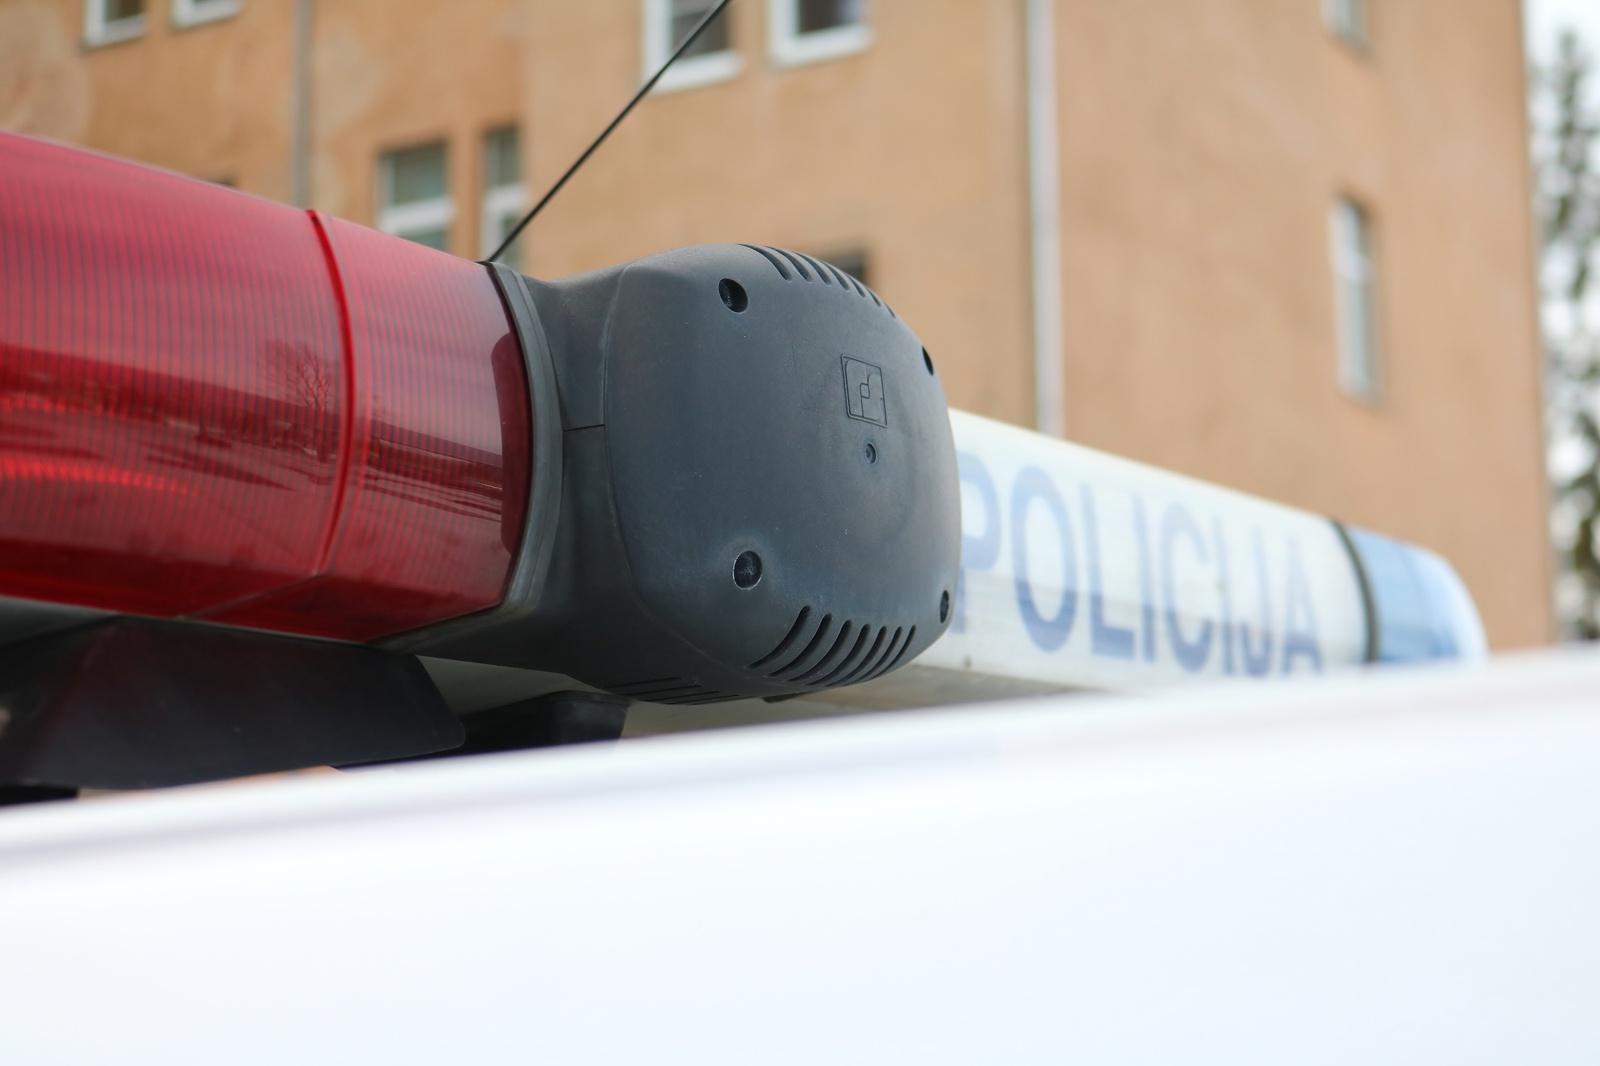 Kaune iš parduotuvės pavogta 30 telefonų